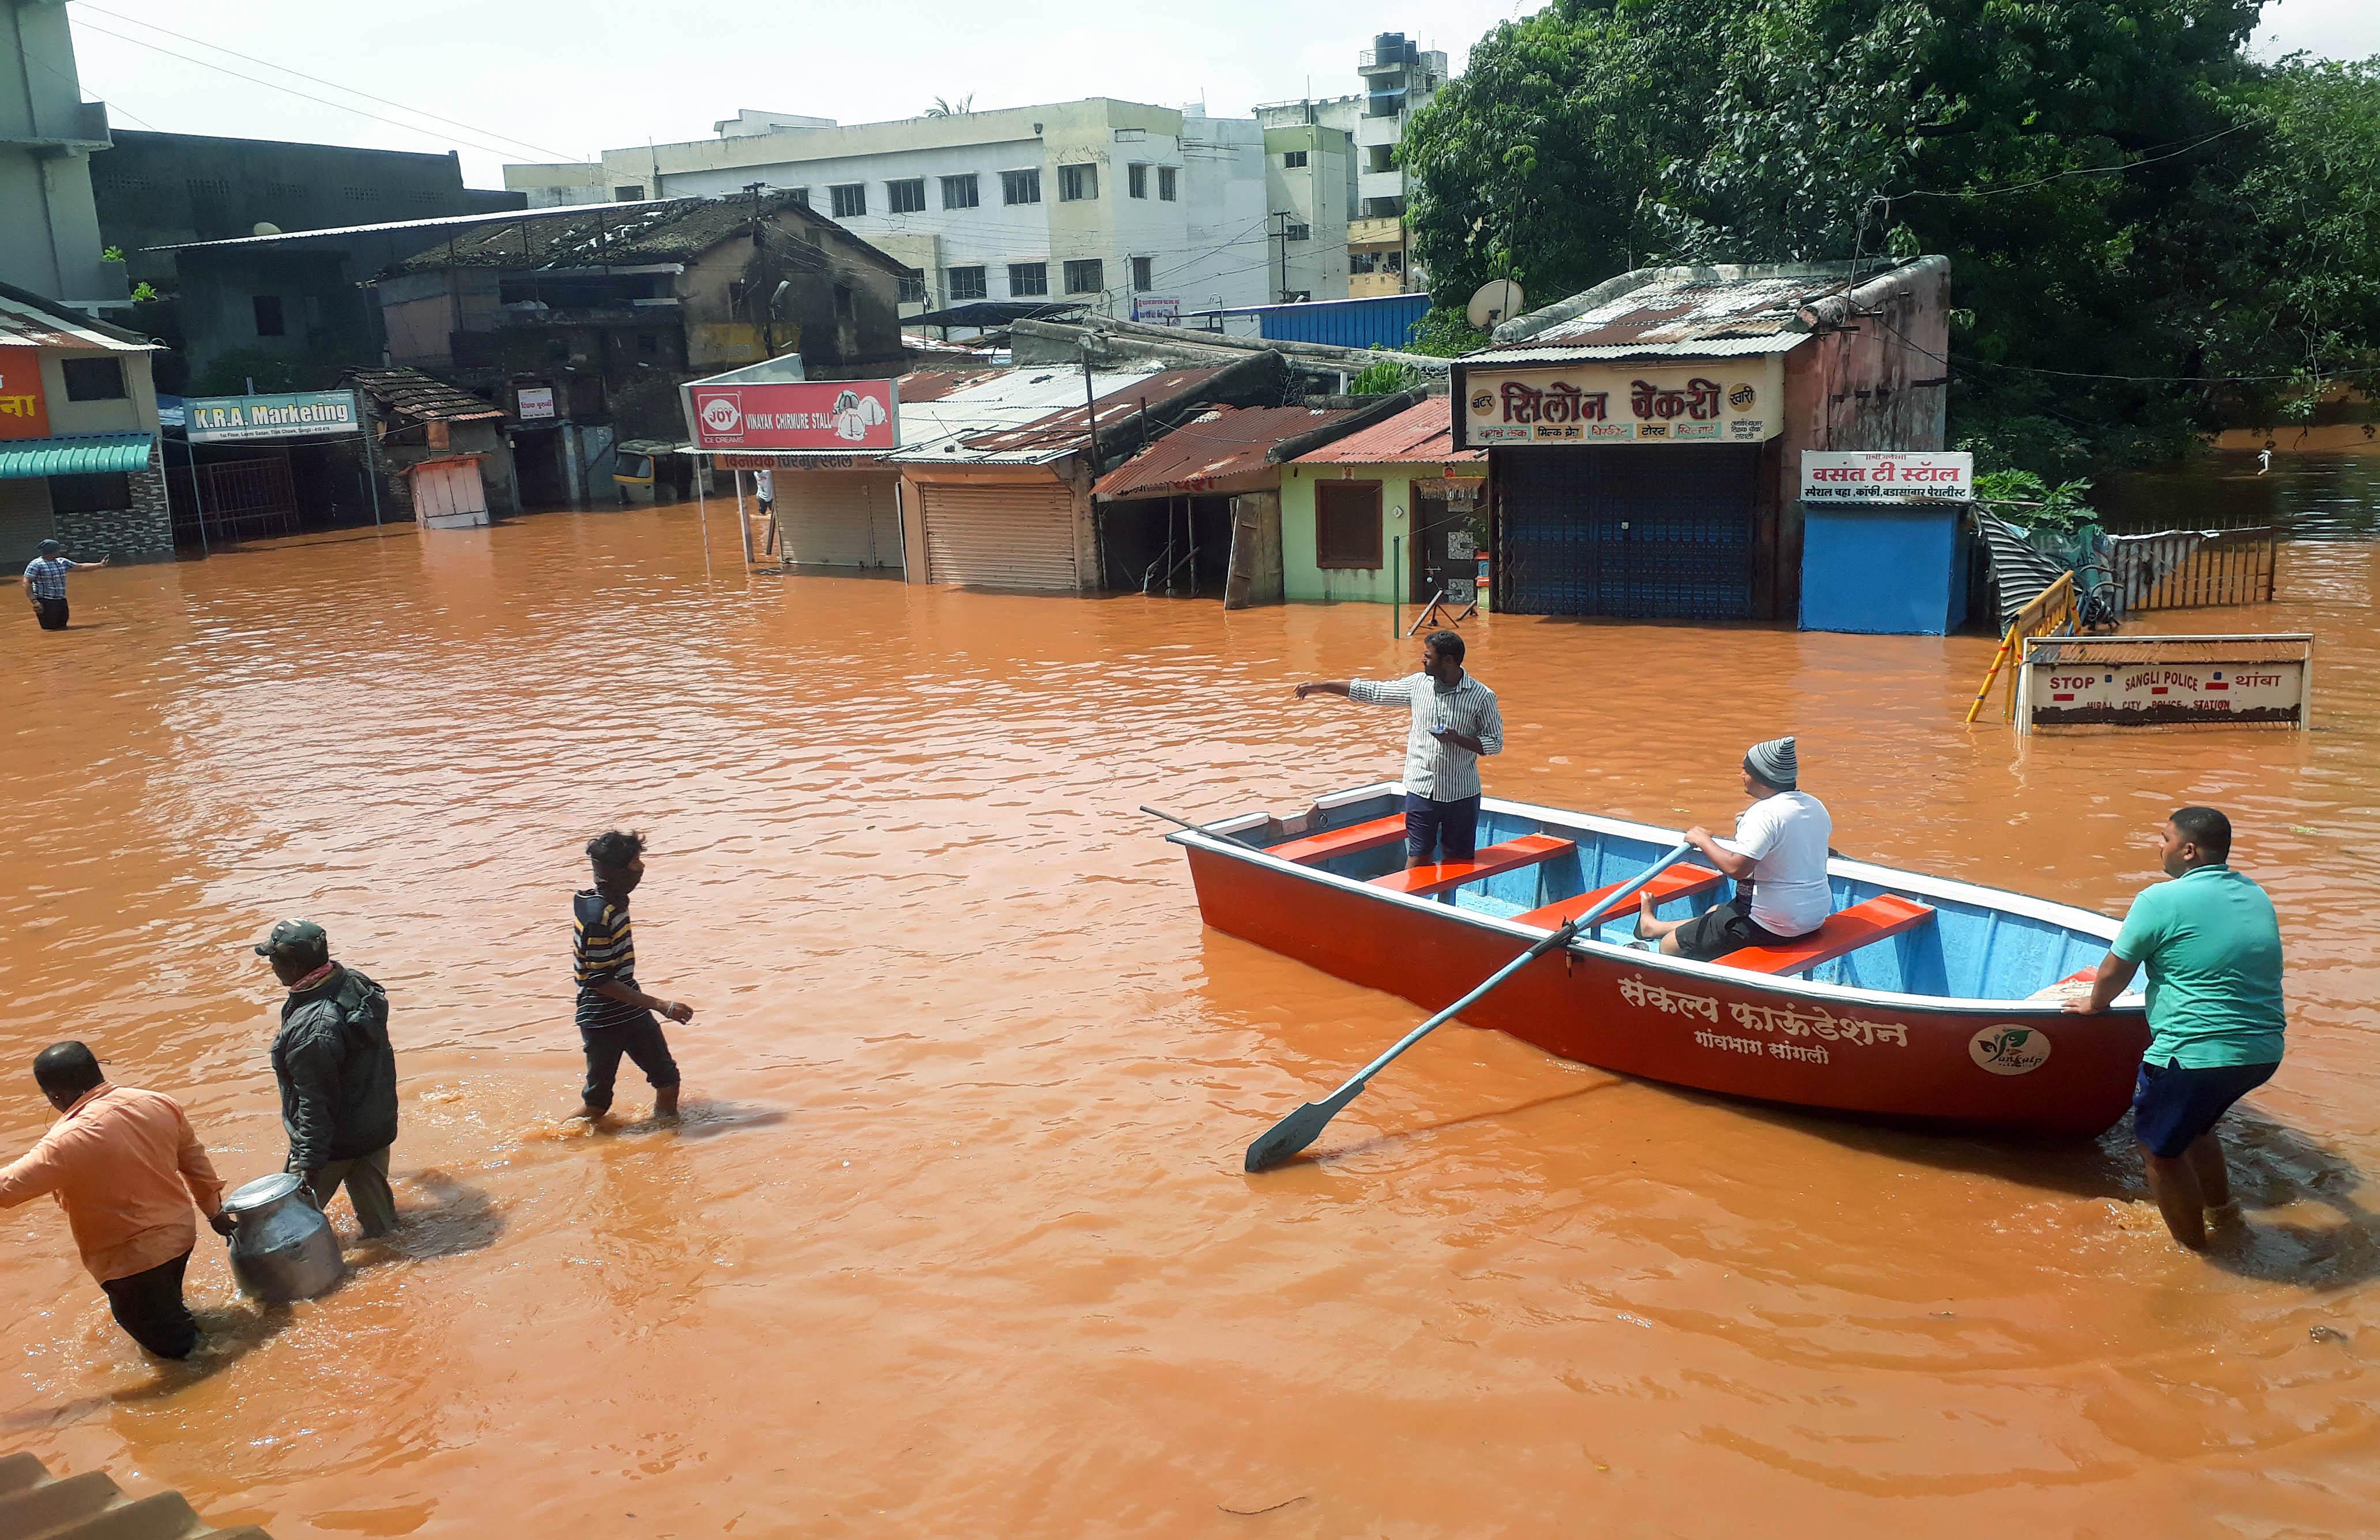 महाराष्ट्र के सांगली में हुई बारिश के बाद सड़क पर दो फीट तक पानी भर गया।